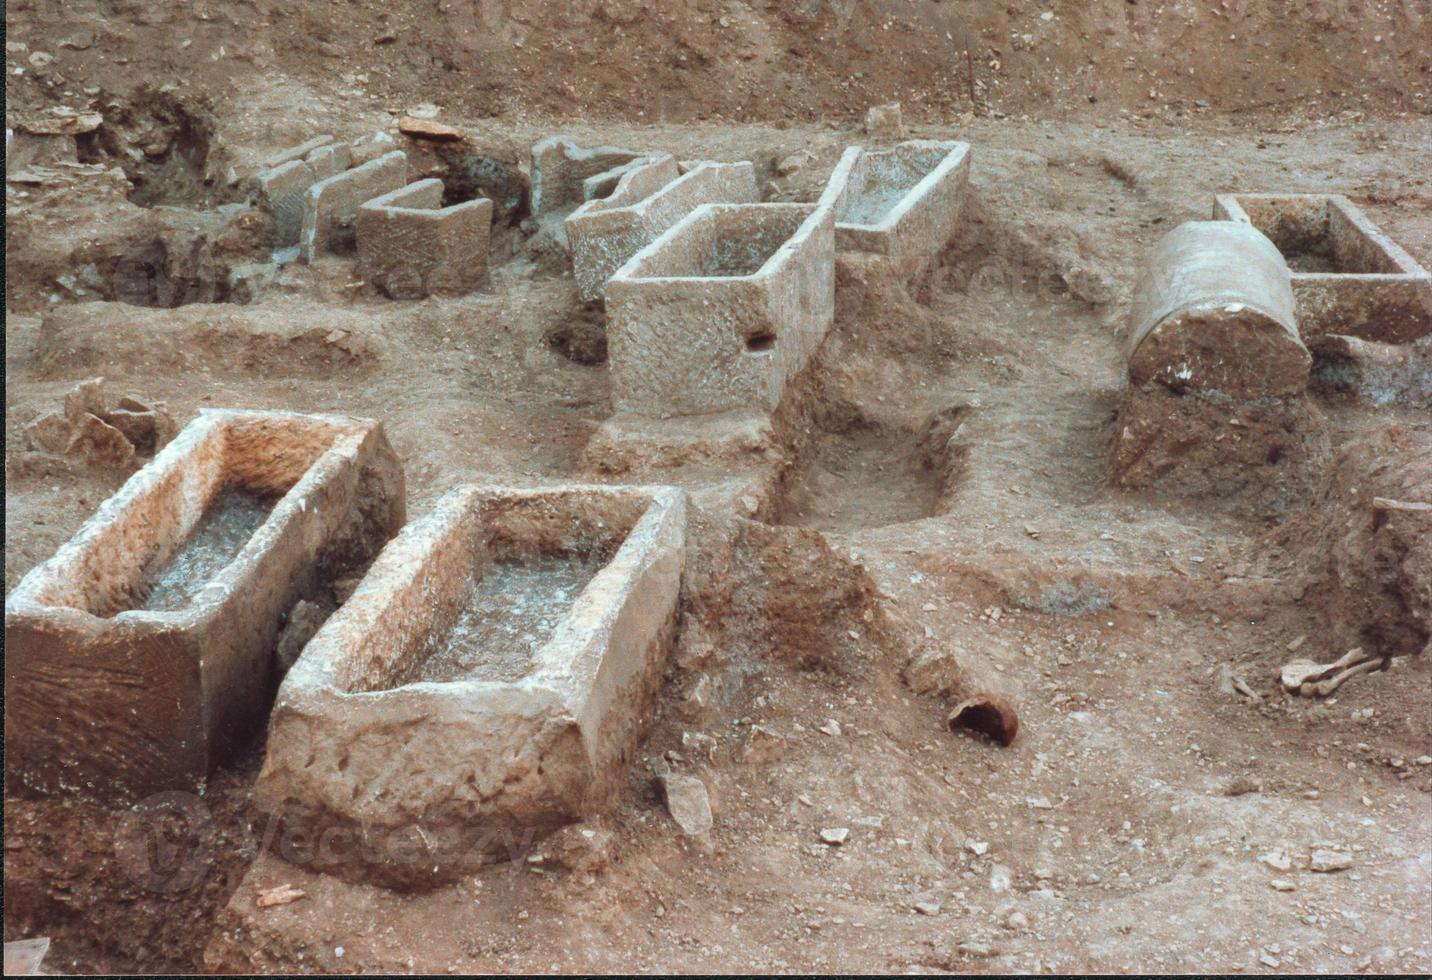 hileras de sarcófago de entierro galorromano de piedra vacía foto